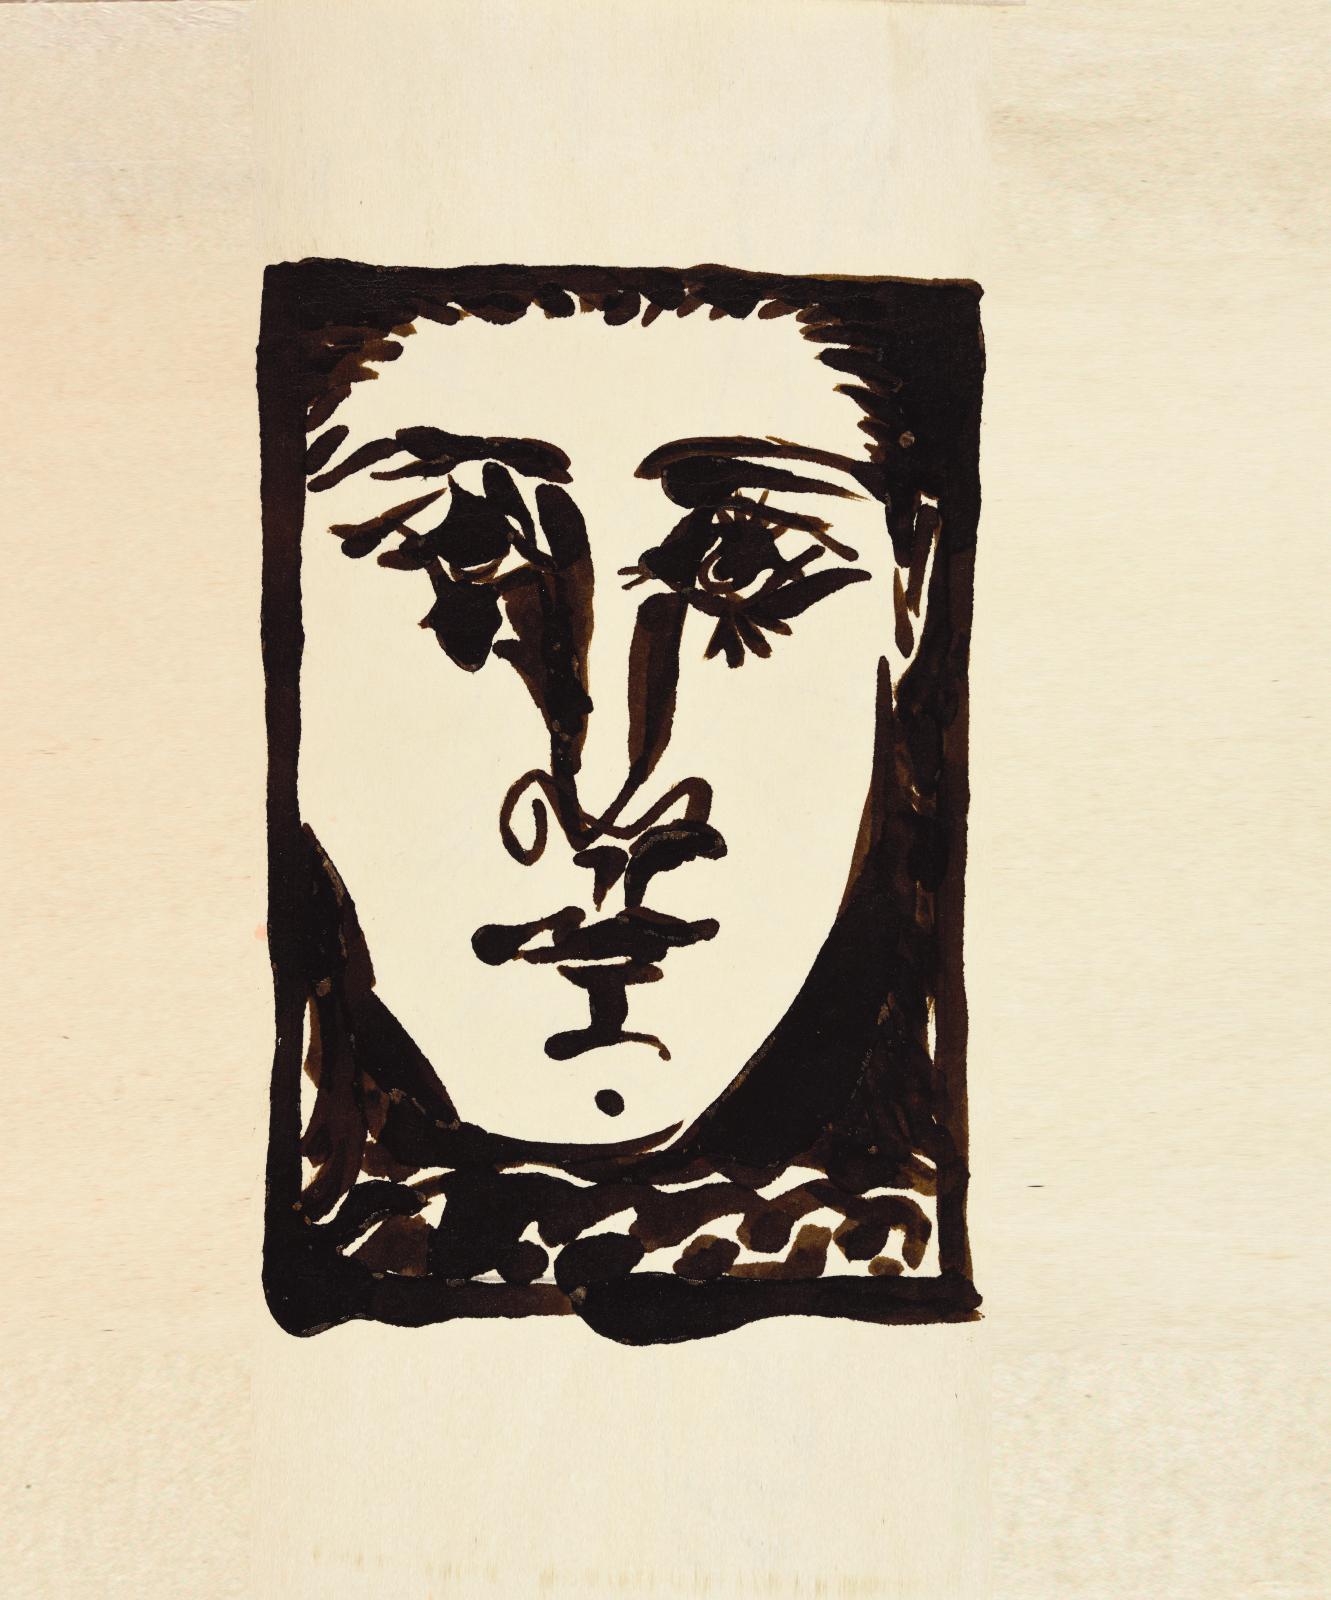 Non vouloir, le poème de Georges Hugnet, illustré pardes zincographies de Pablo Picasso, respectait les attentes en étant emporté pour 19